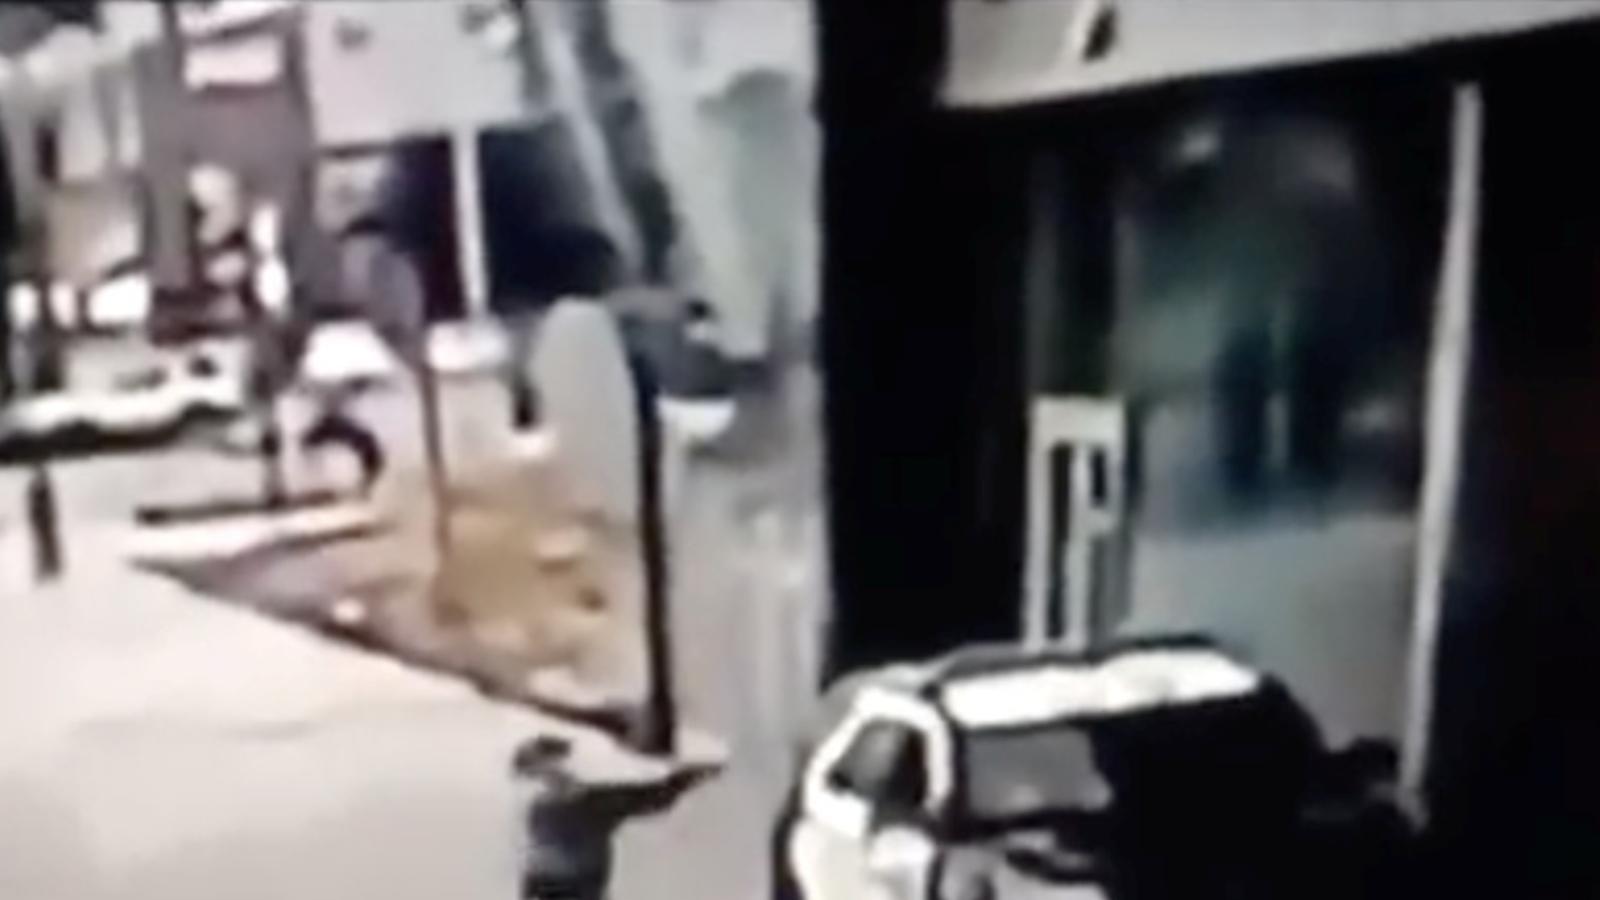 Captura de les imatges de seguretat en el moment que el sospitós dispara contra els dos policies